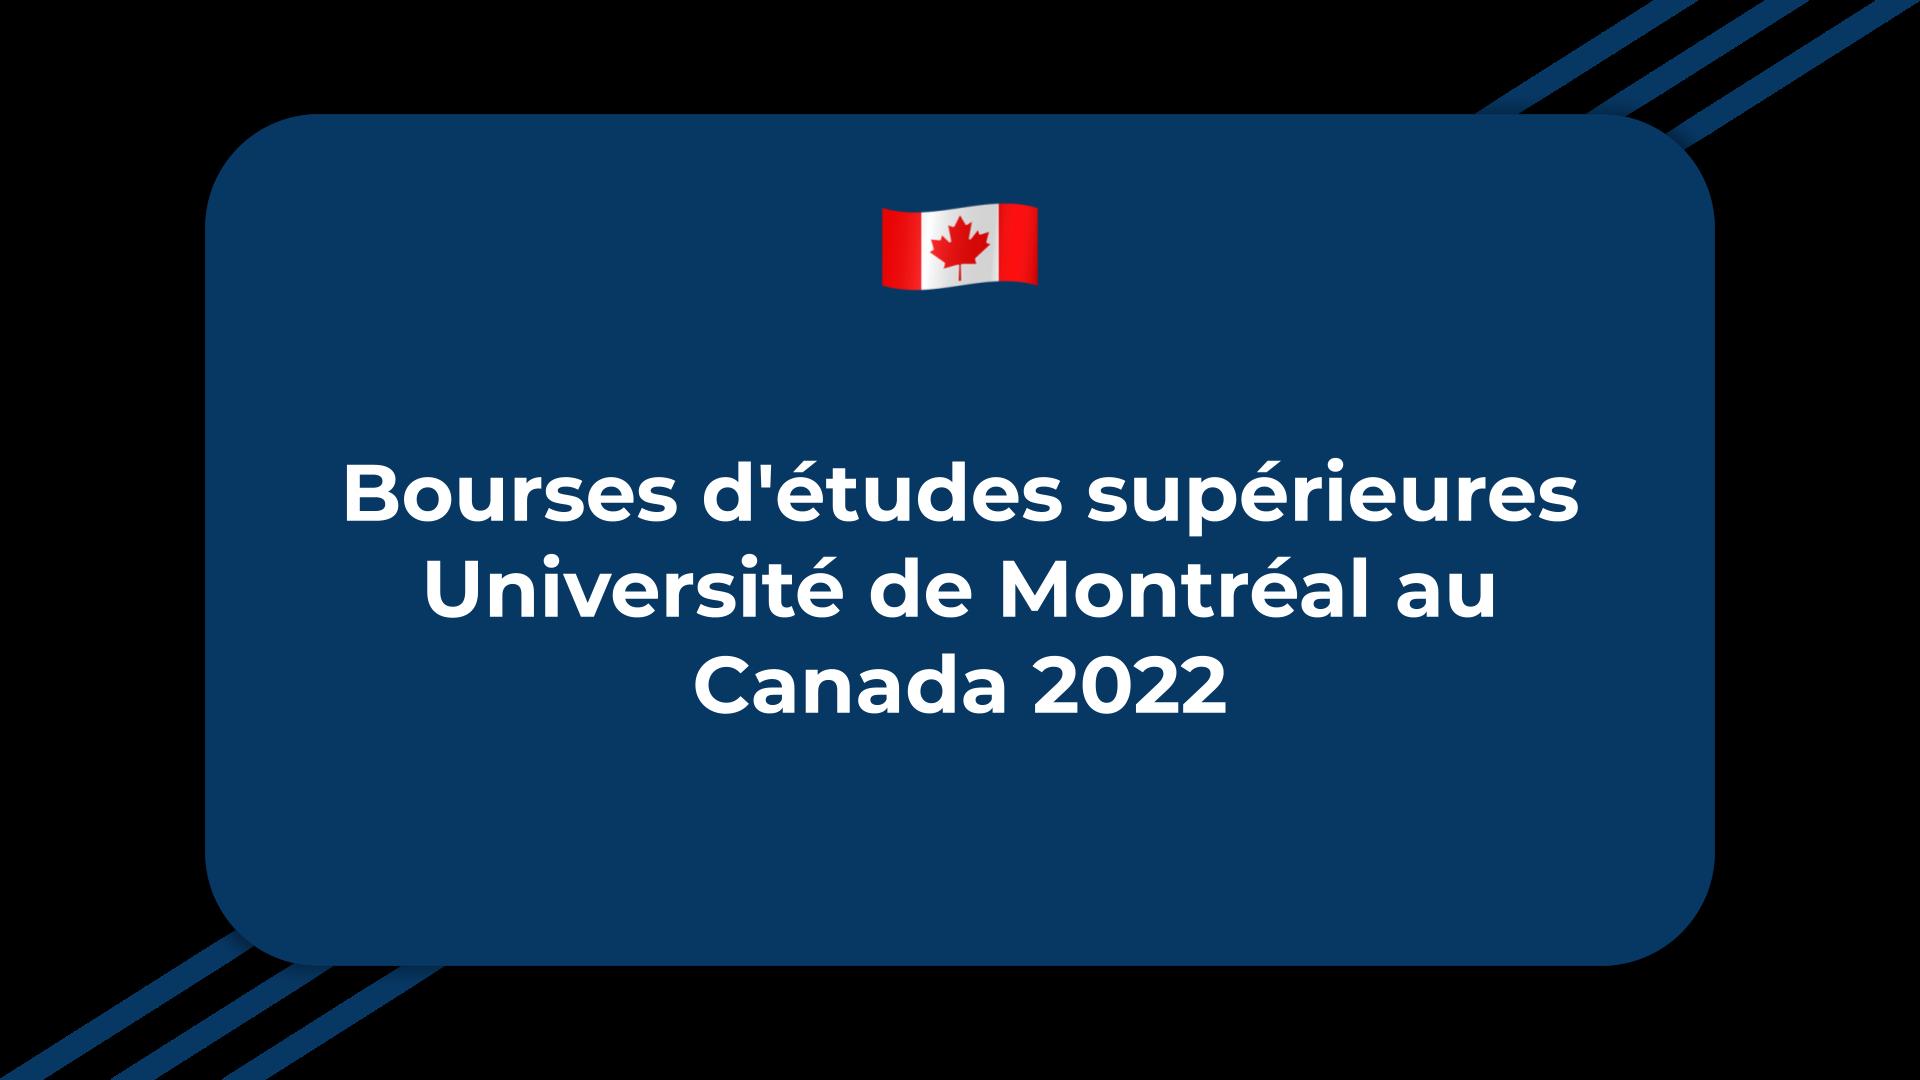 Bourses d'études supérieures Université de Montréal